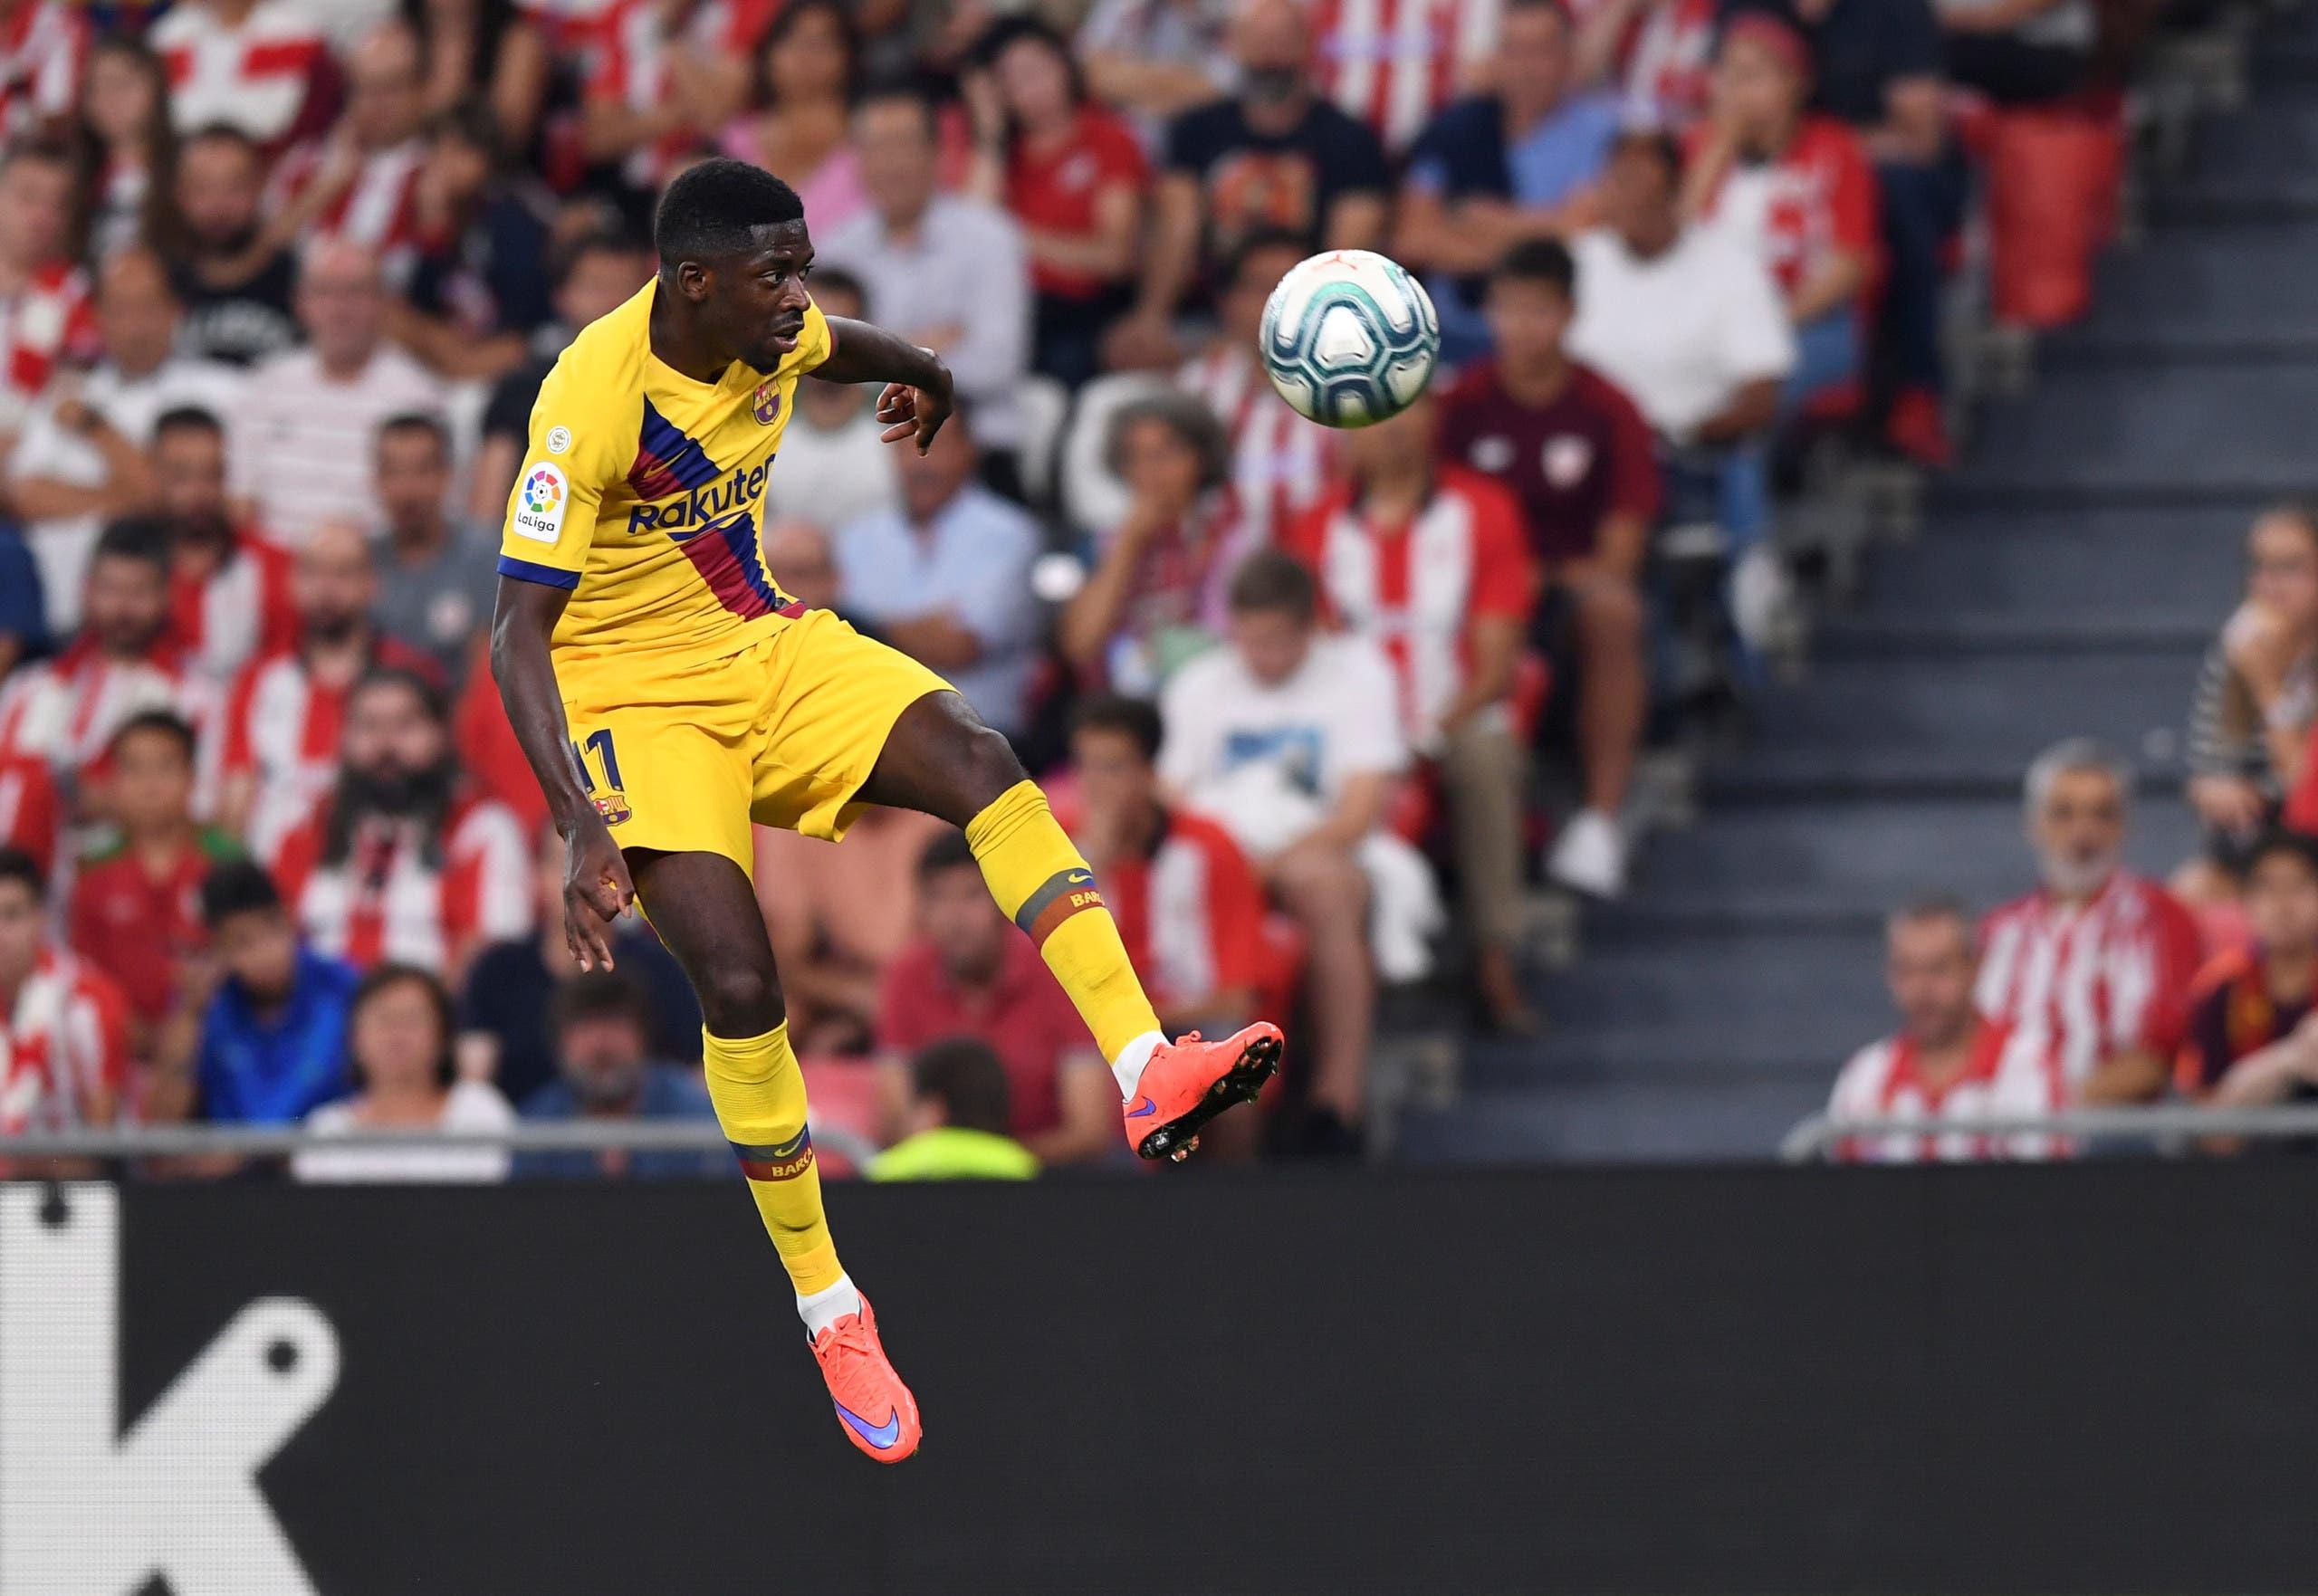 ديمبلي في مباراة الفريق الكاتالوني في افتتاح الدوري